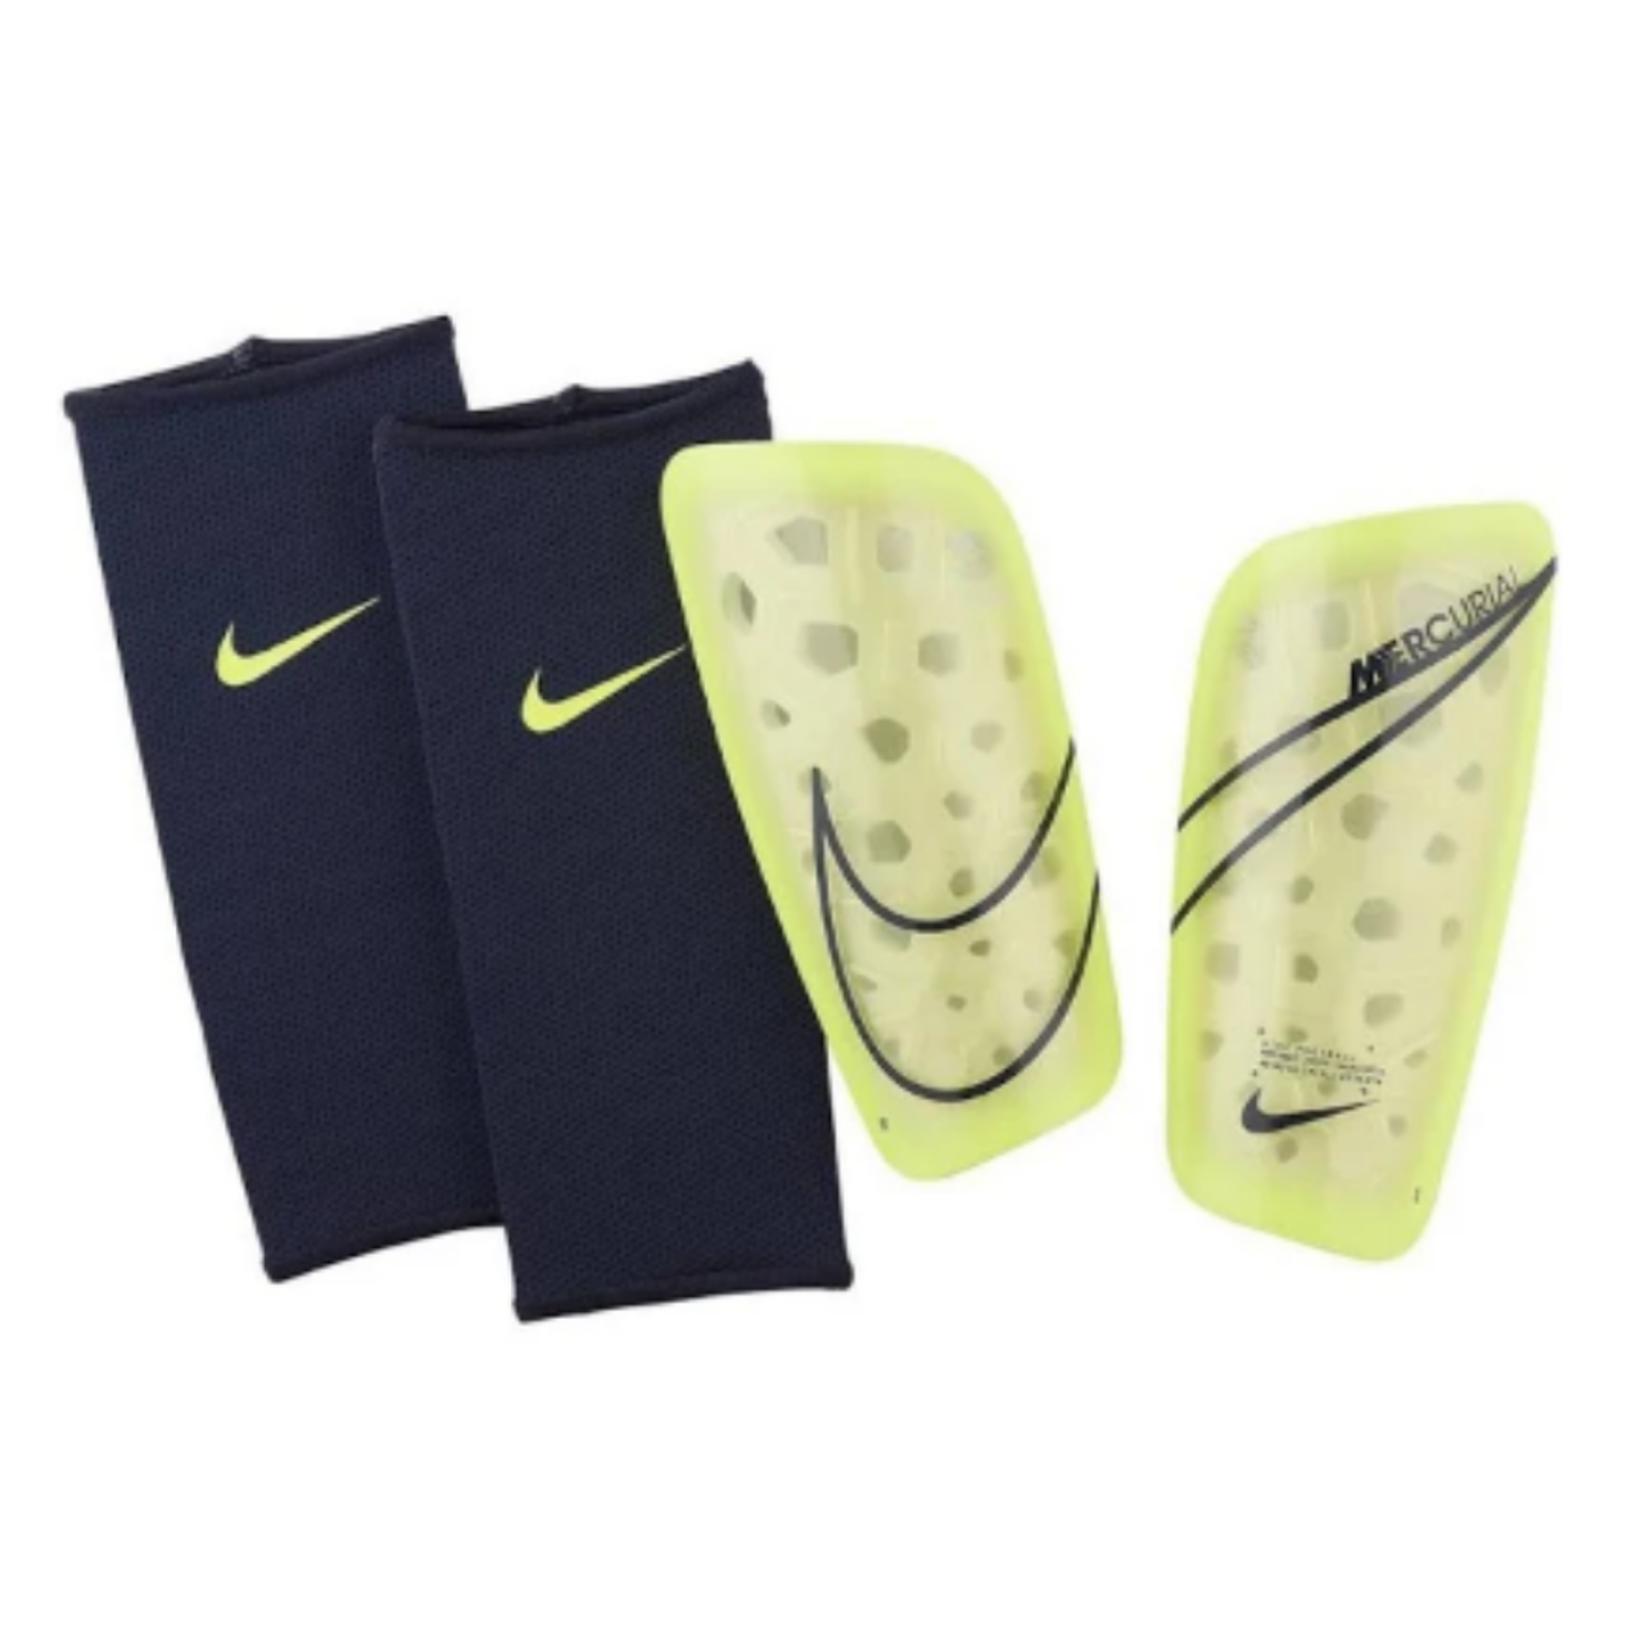 Nike Nike Mercurial Lite Shin Guard